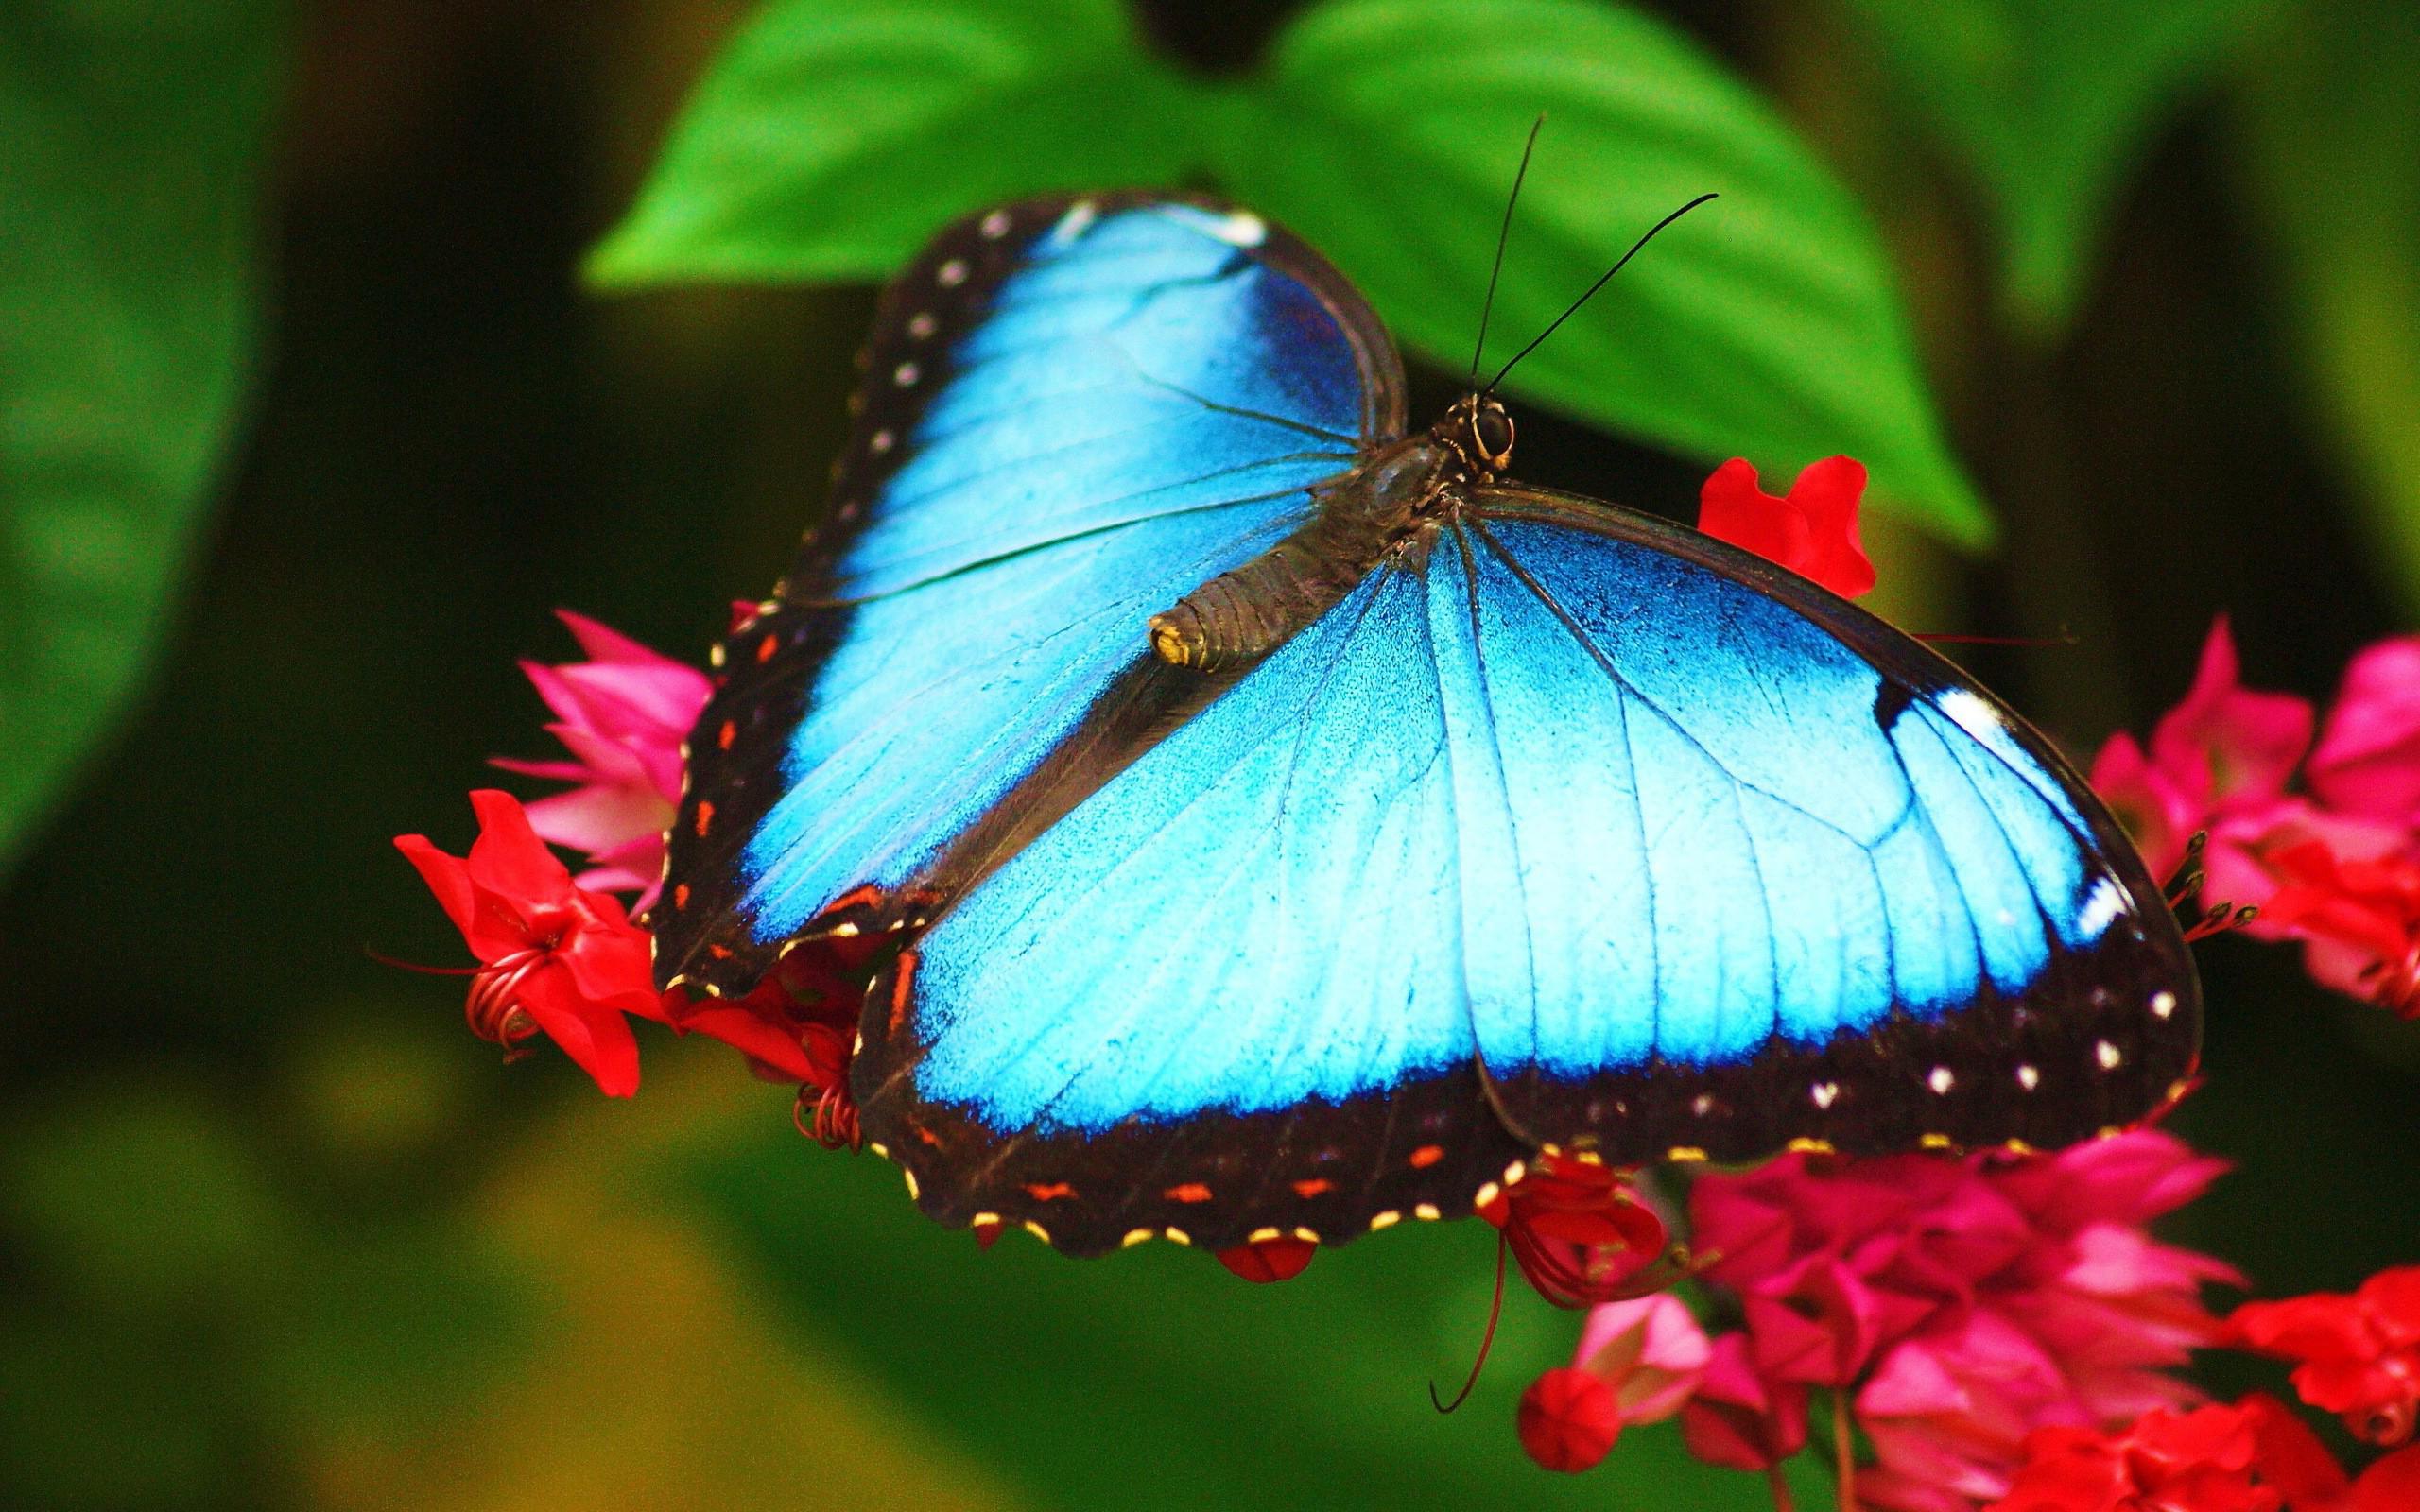 природа бабочка животные цветы синие бесплатно